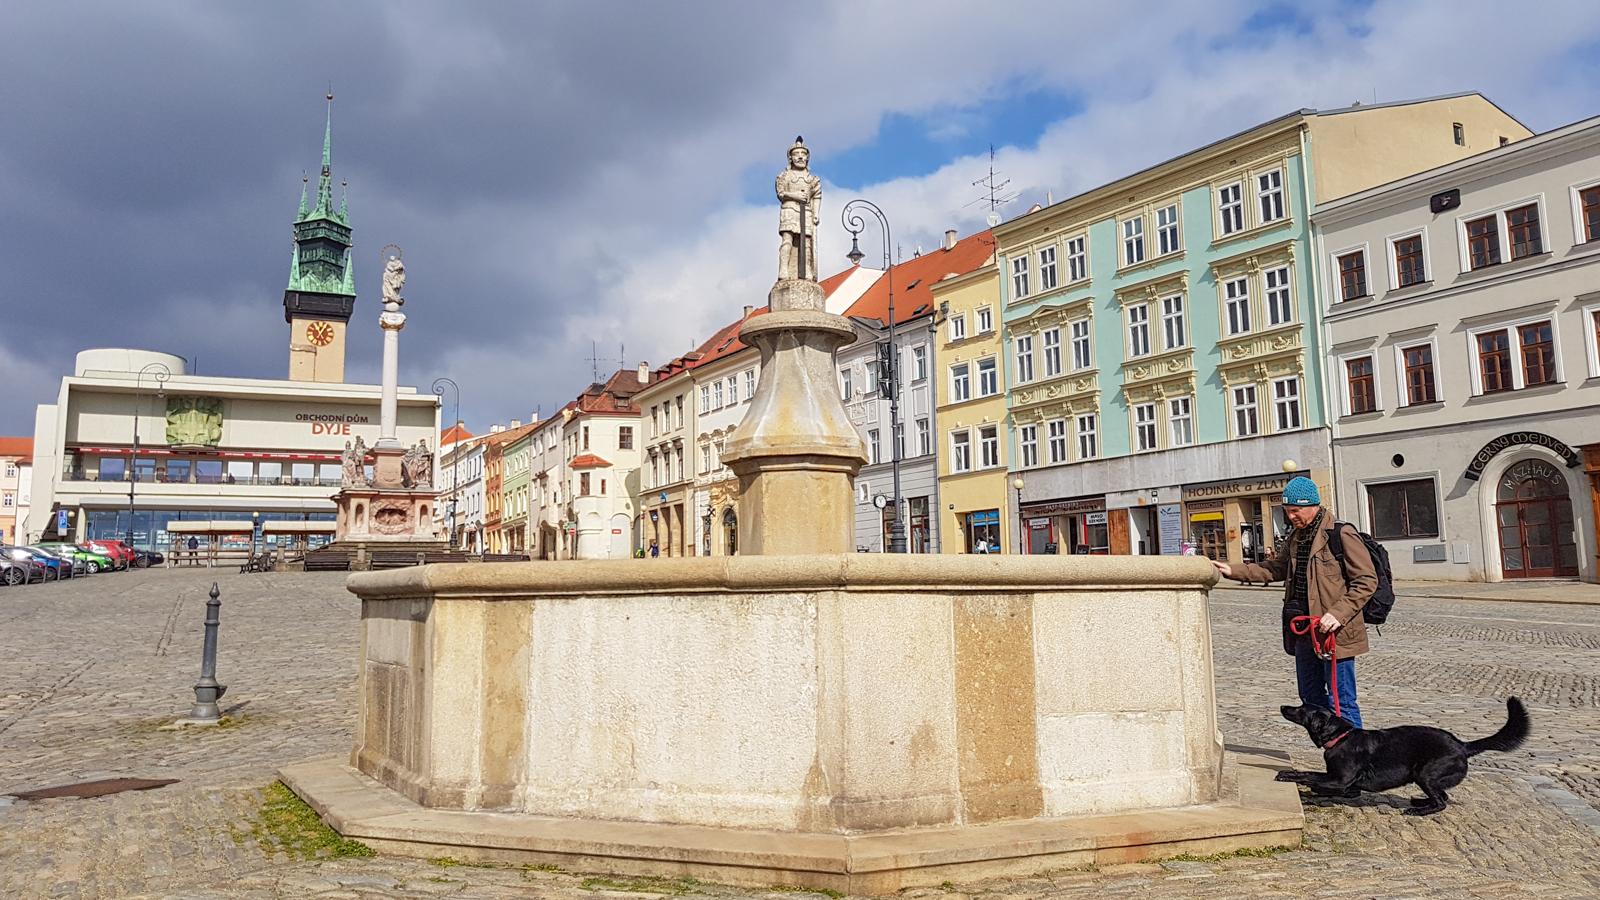 Znaim Stadt Tschechien